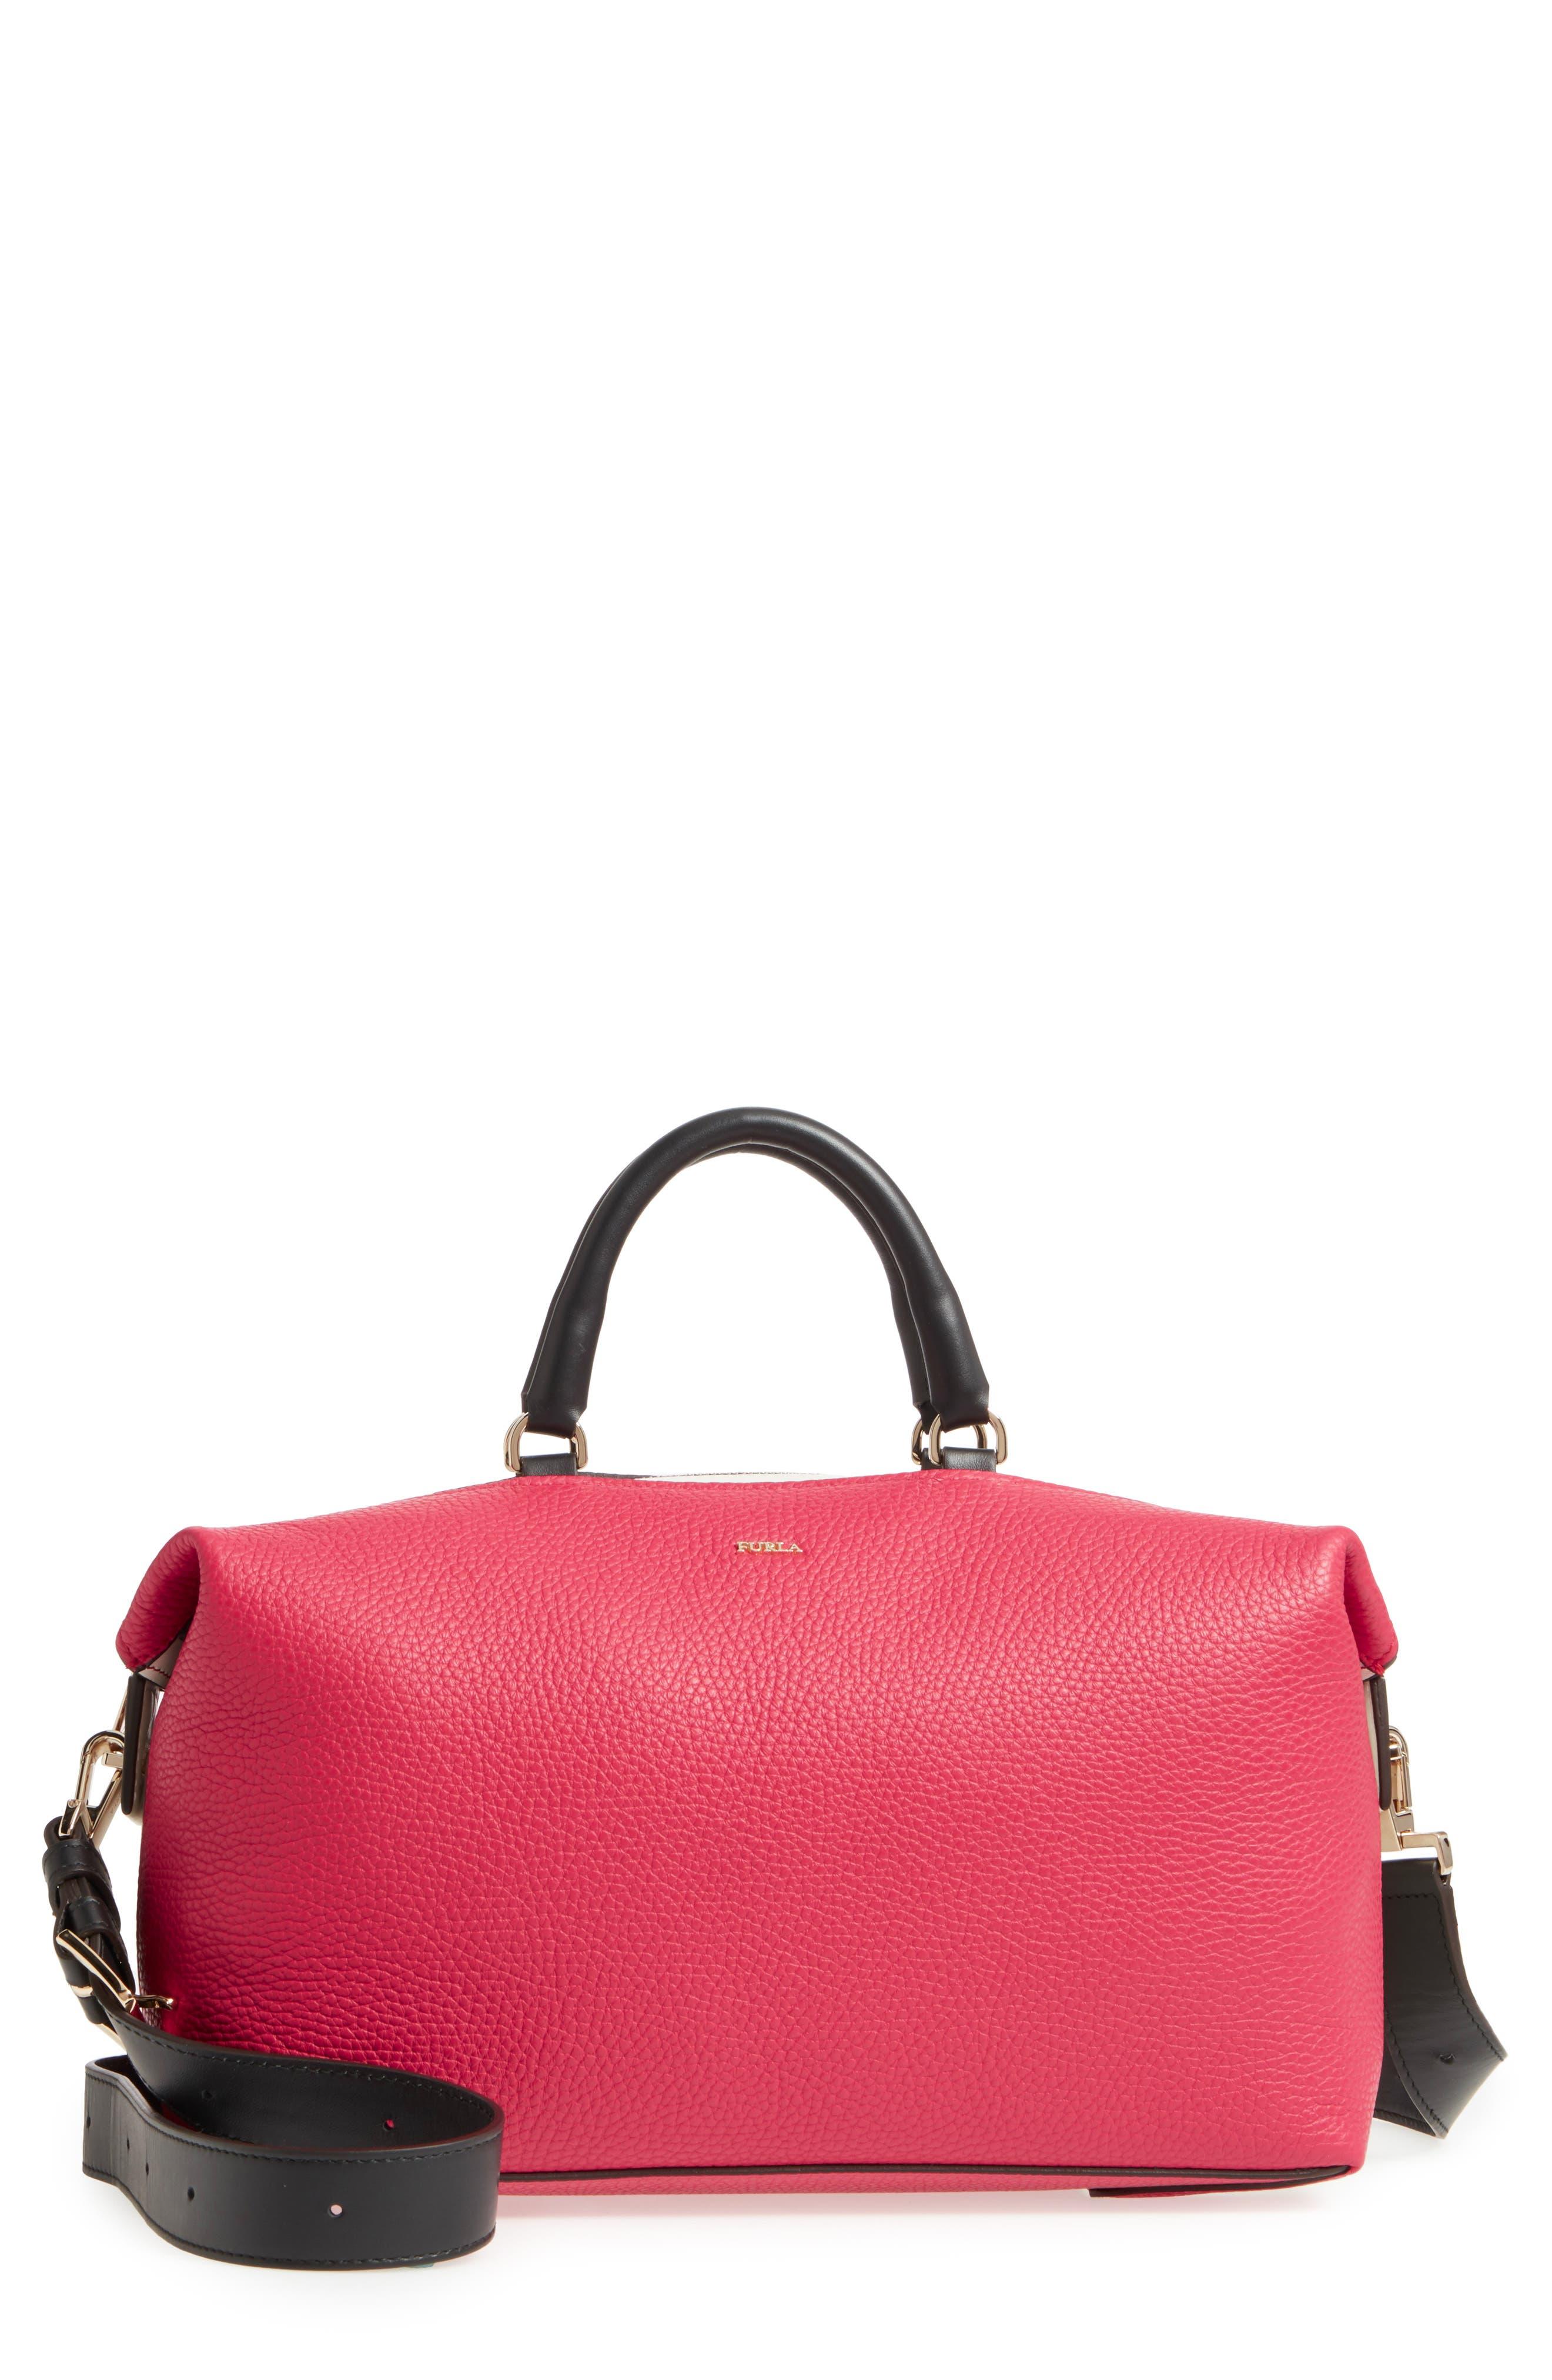 Furla Blogger Colorblock Leather Satchel